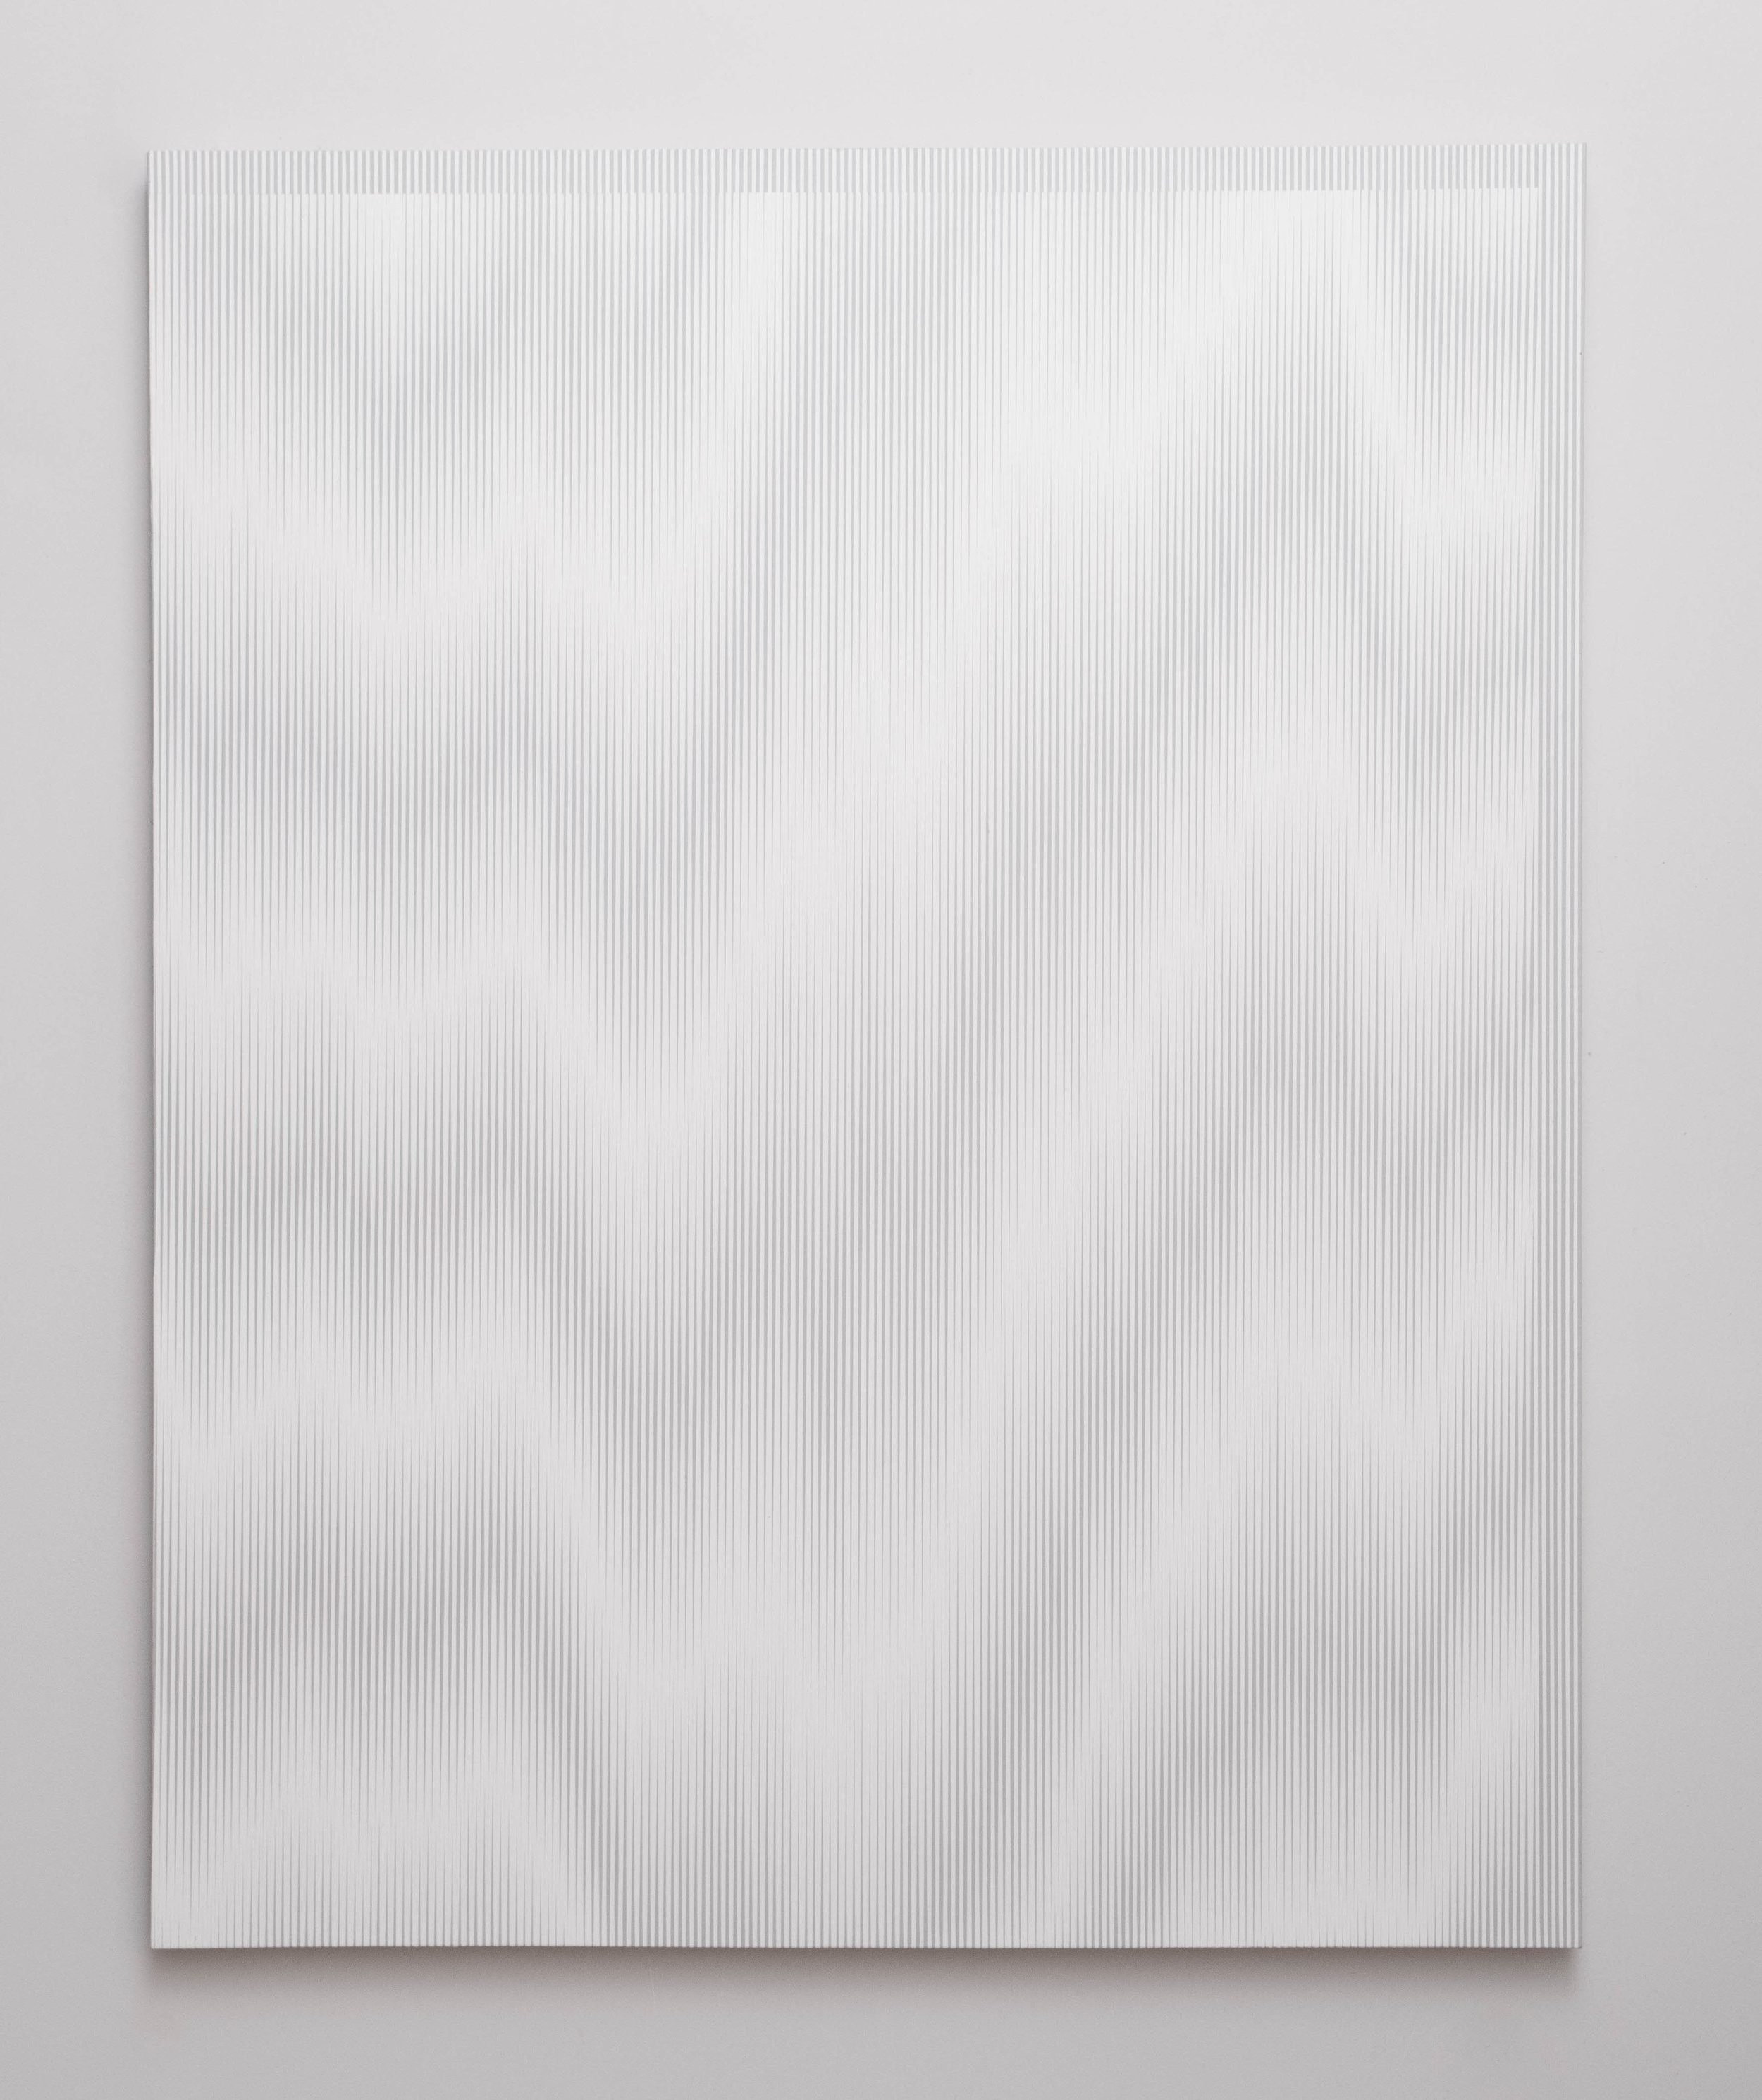 Johnny Abrahams_Untitled5_Acrylic on canvas_119.4x152.4cm_2016.jpg